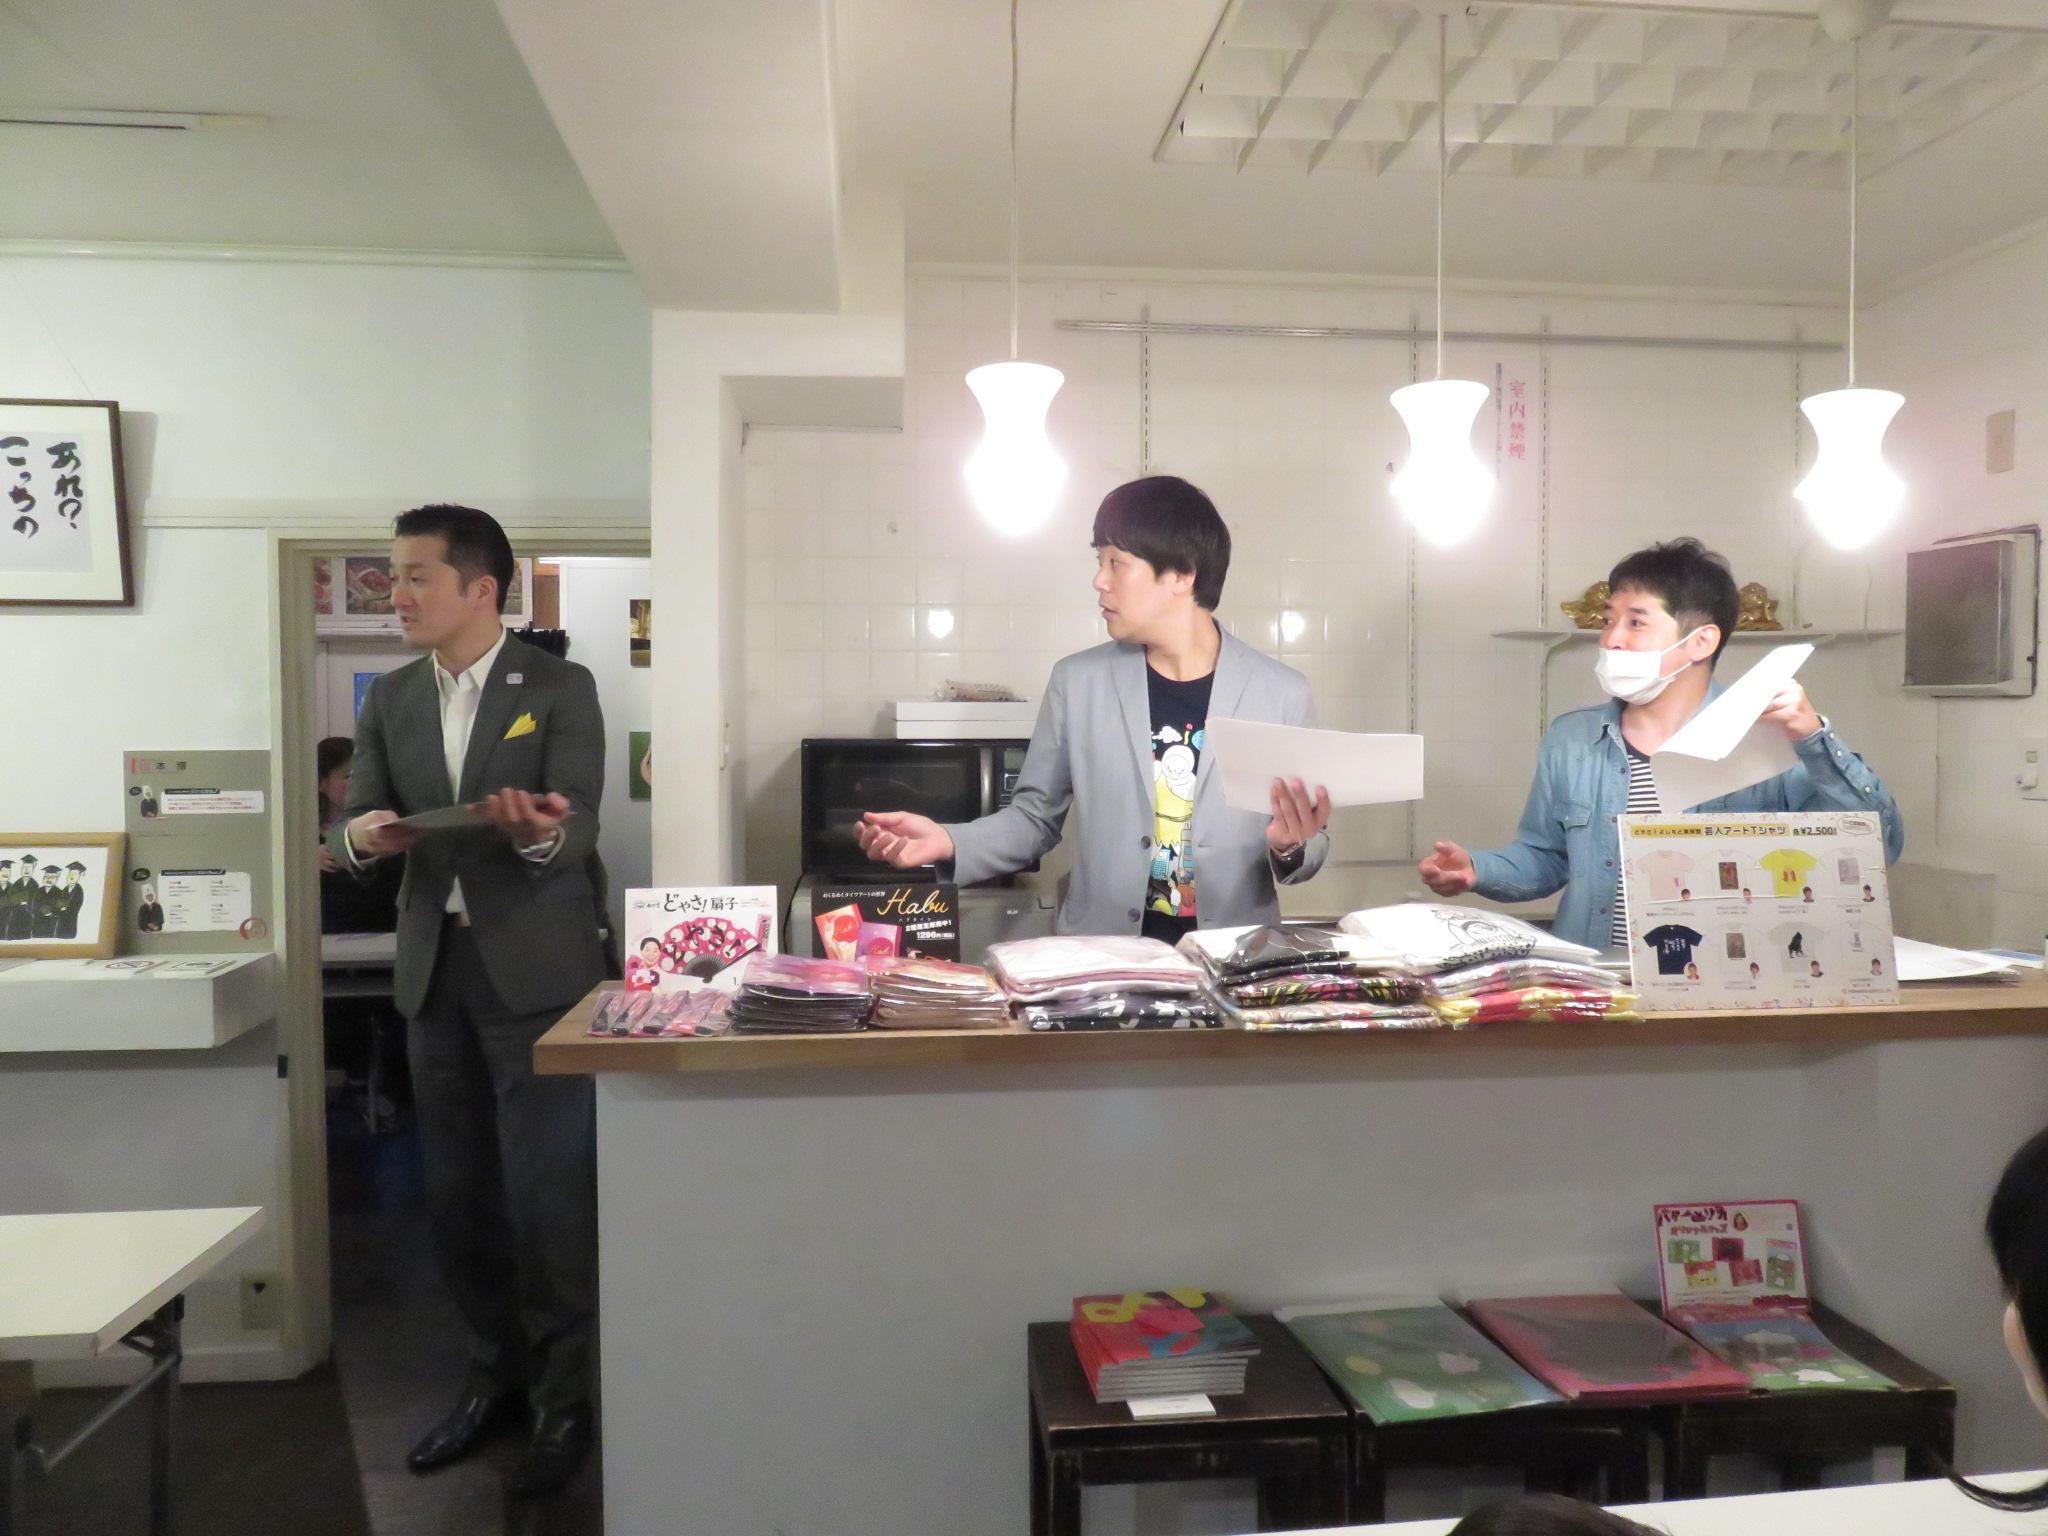 http://news.yoshimoto.co.jp/20170320205831-a623dc21fe074f9a3973318e9d70b227ddb53698.jpg